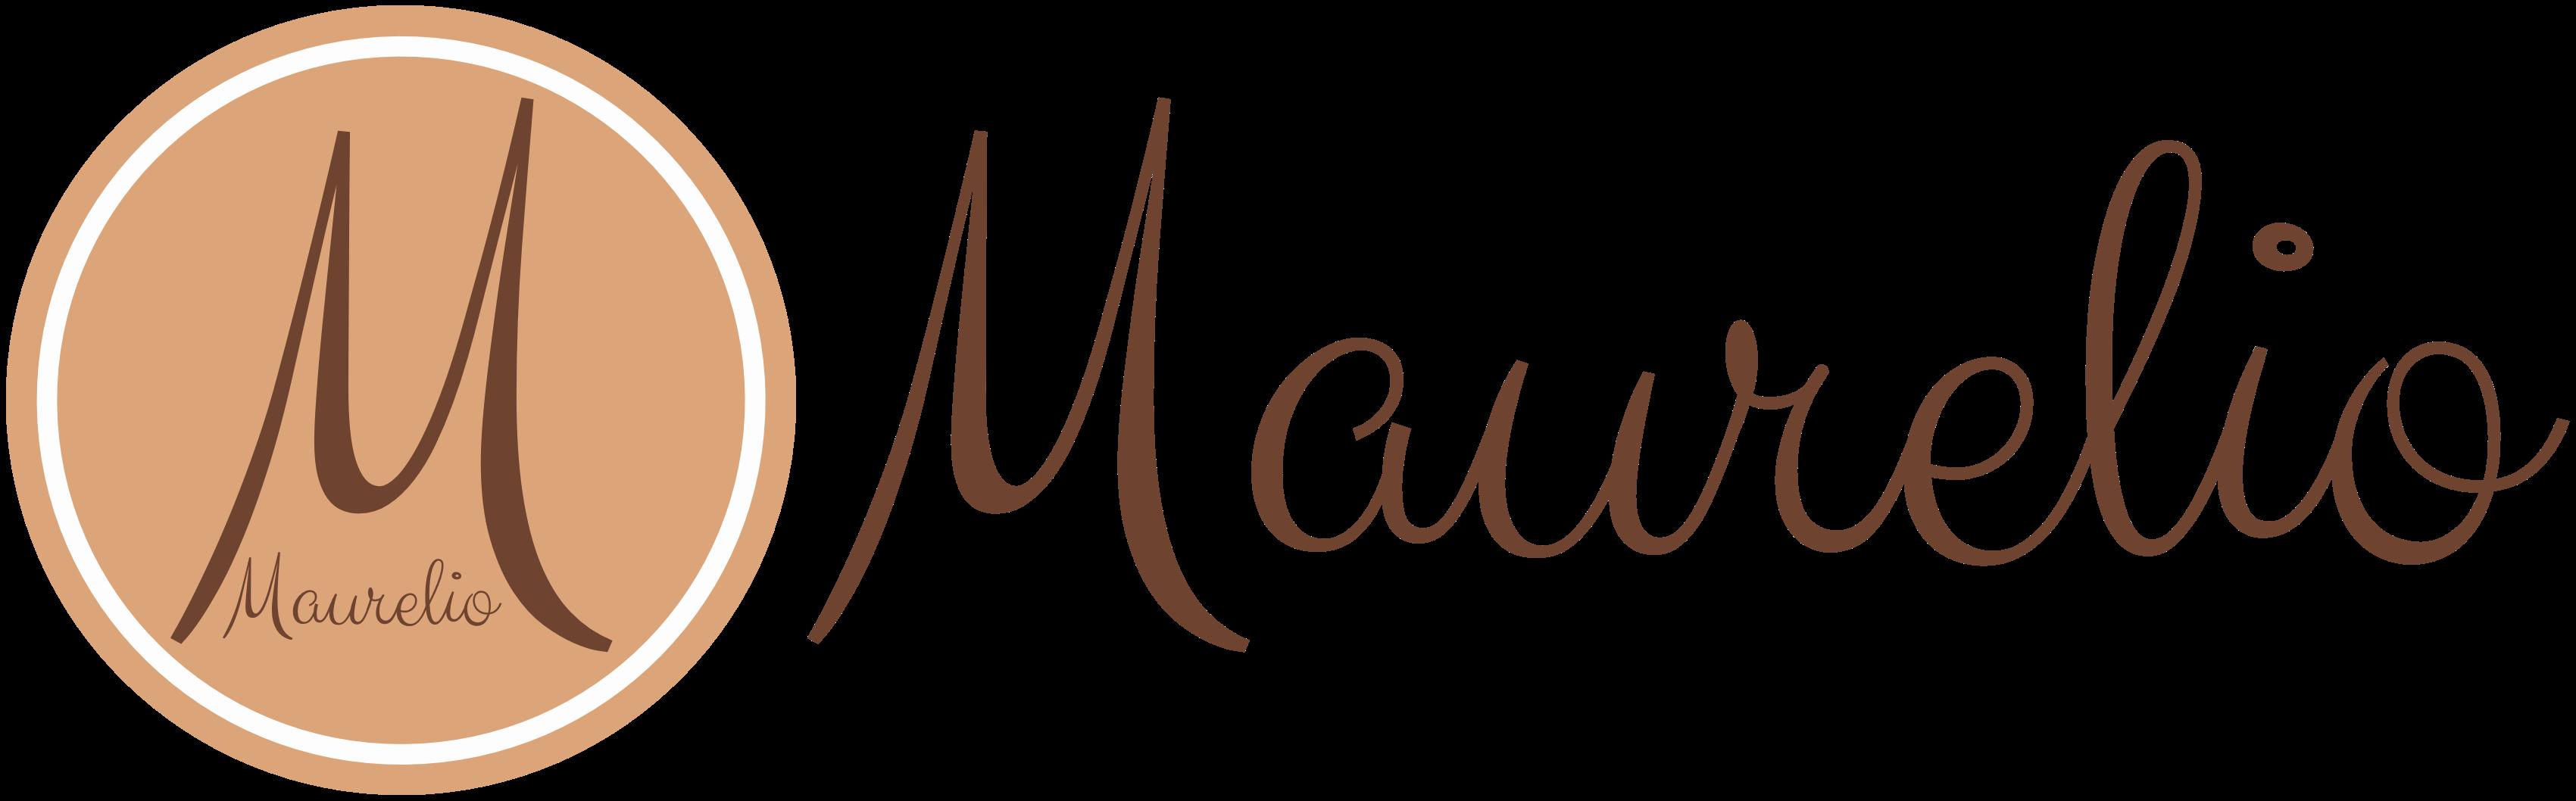 Maurelio